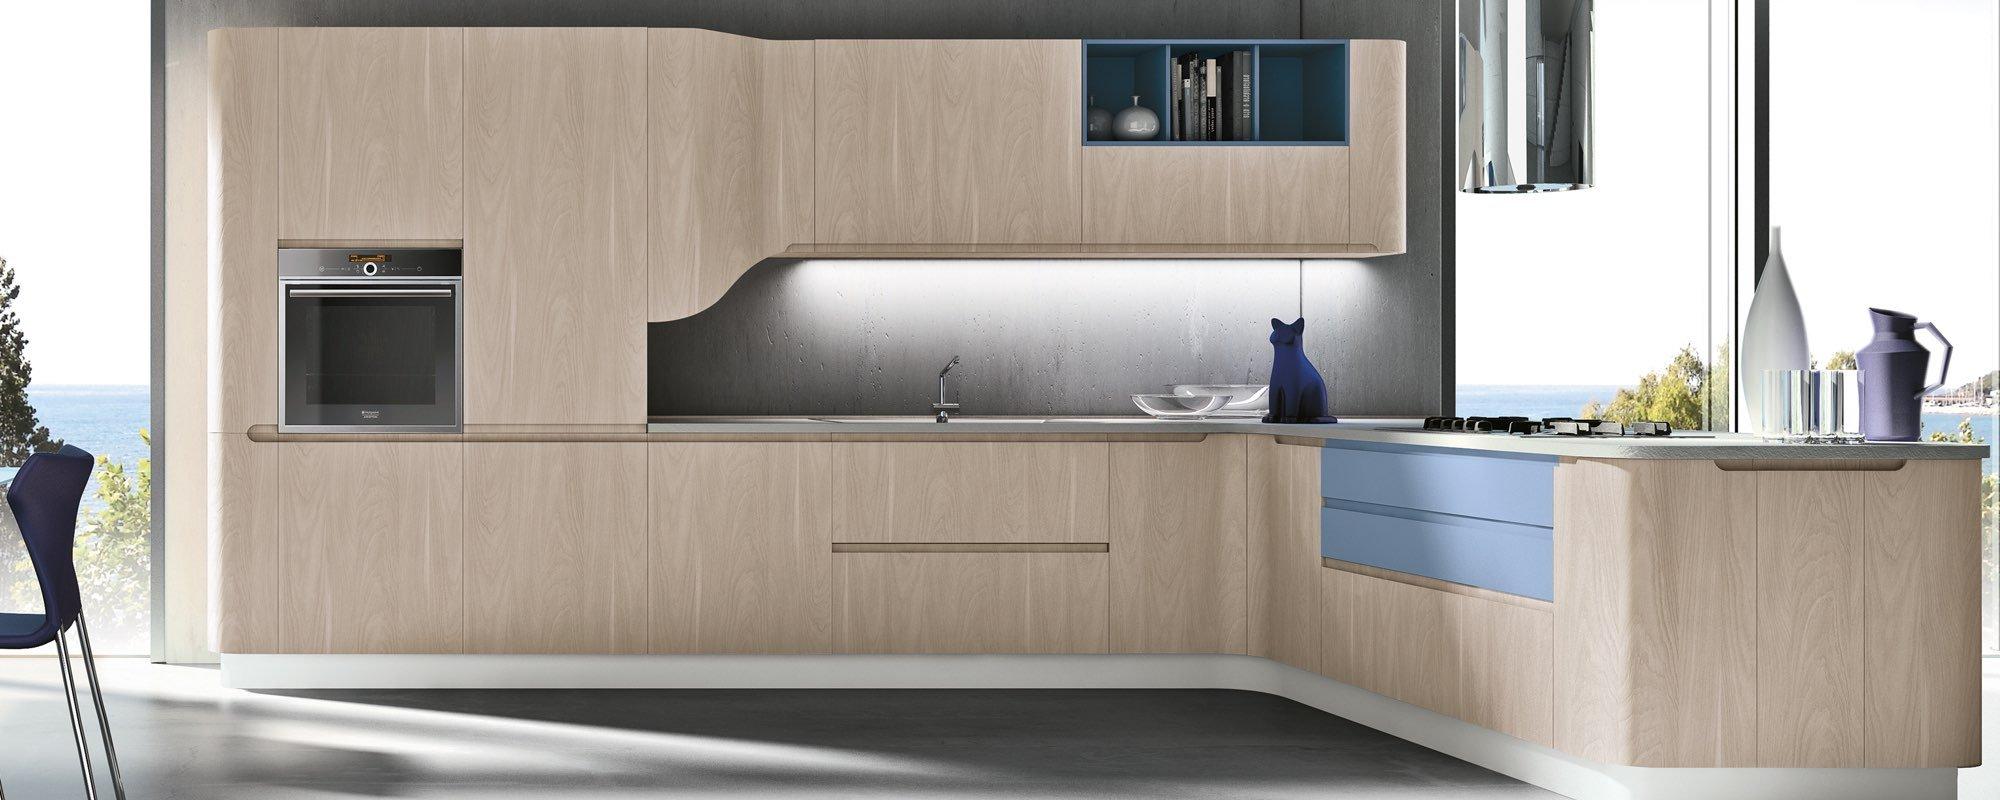 cucina moderna in legno ad angolo con infissi esterni e arredamento - BRING